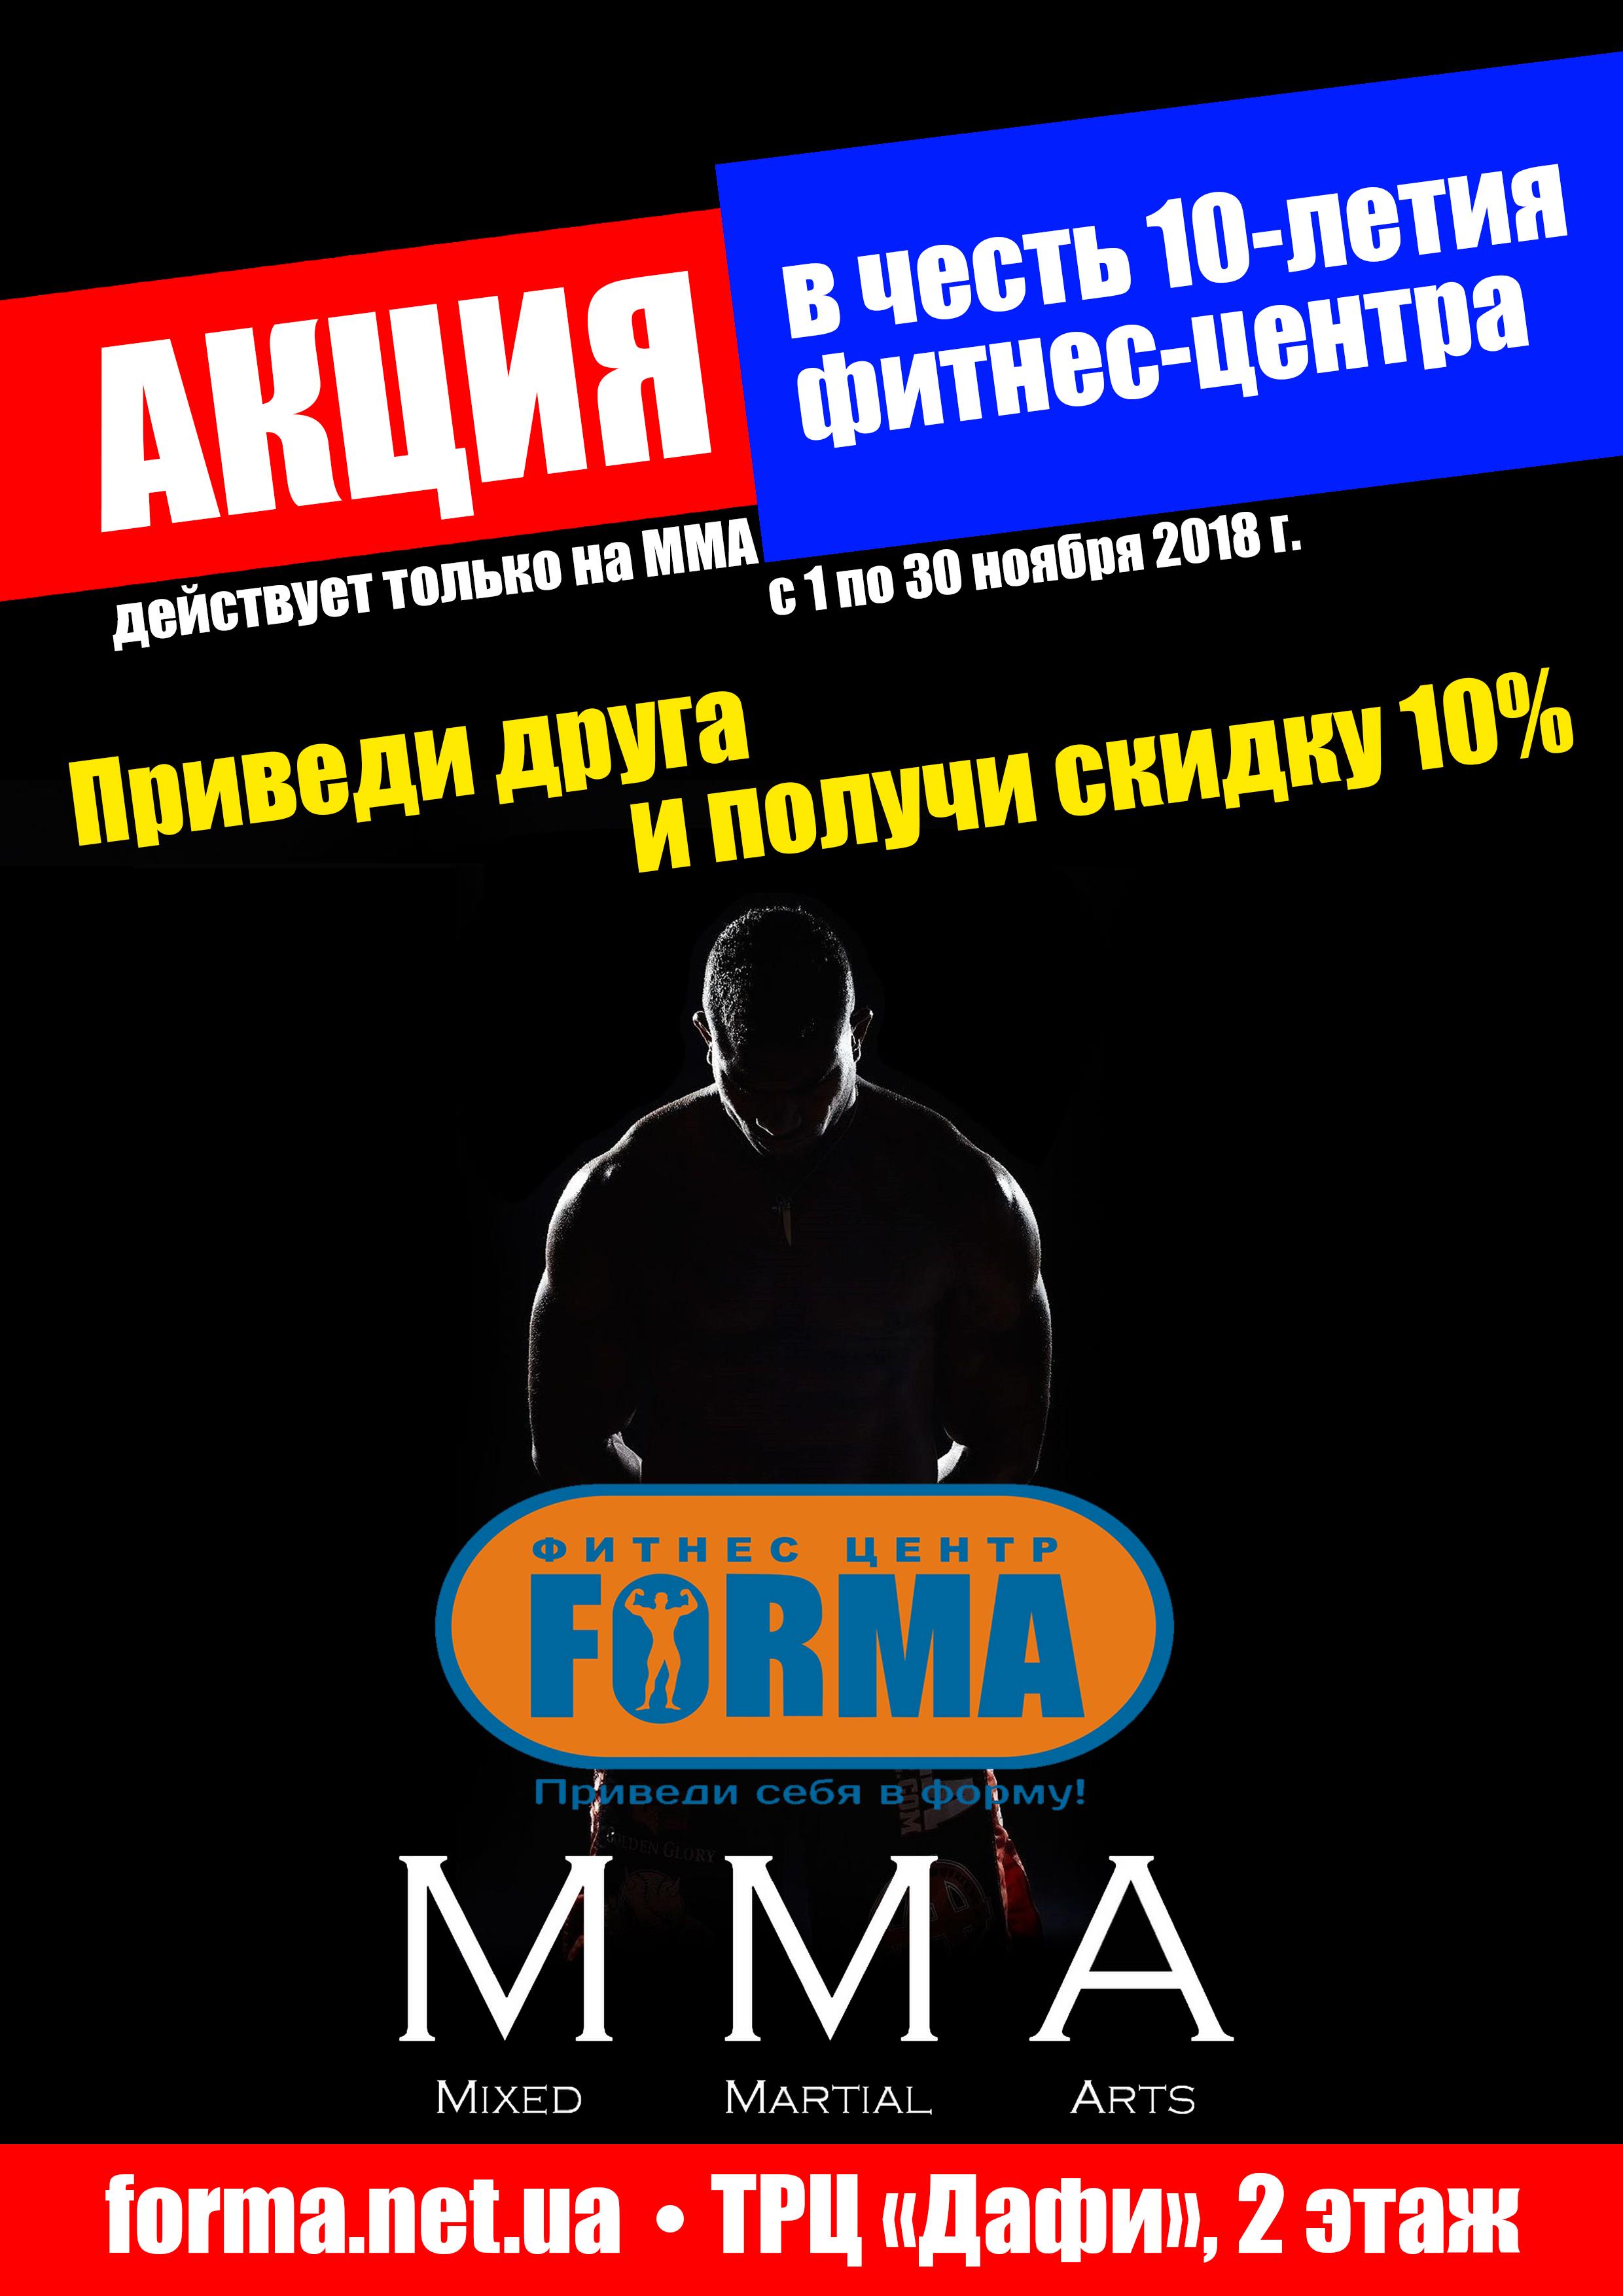 Акция в ФЦ «Forma». Приведи друга. MMA